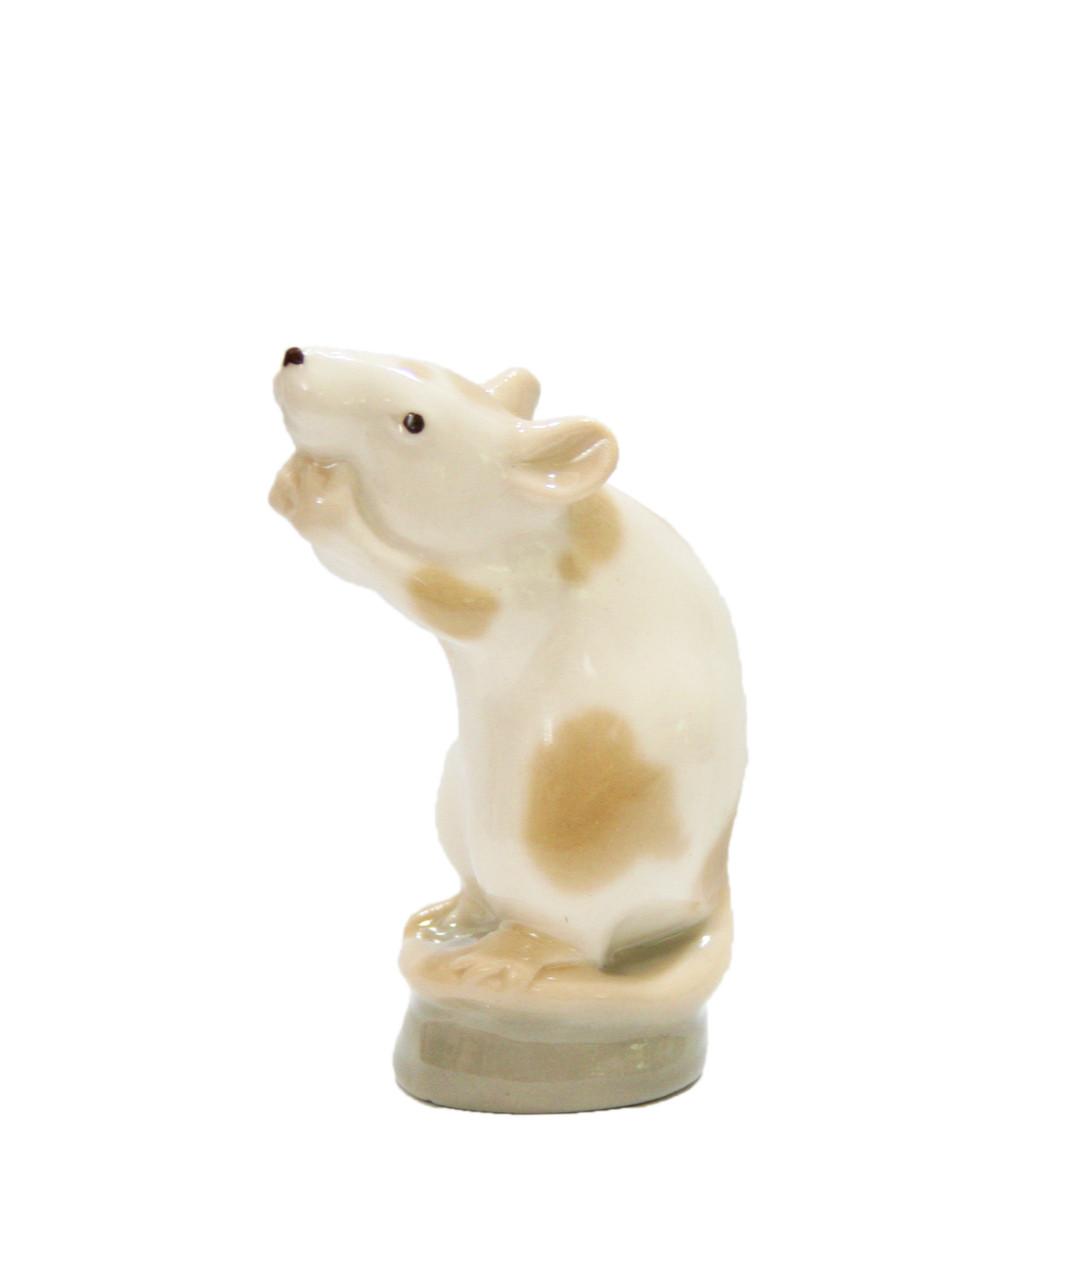 Фарфоровая статуэтка Мышь на подставке. Императорский фарфор